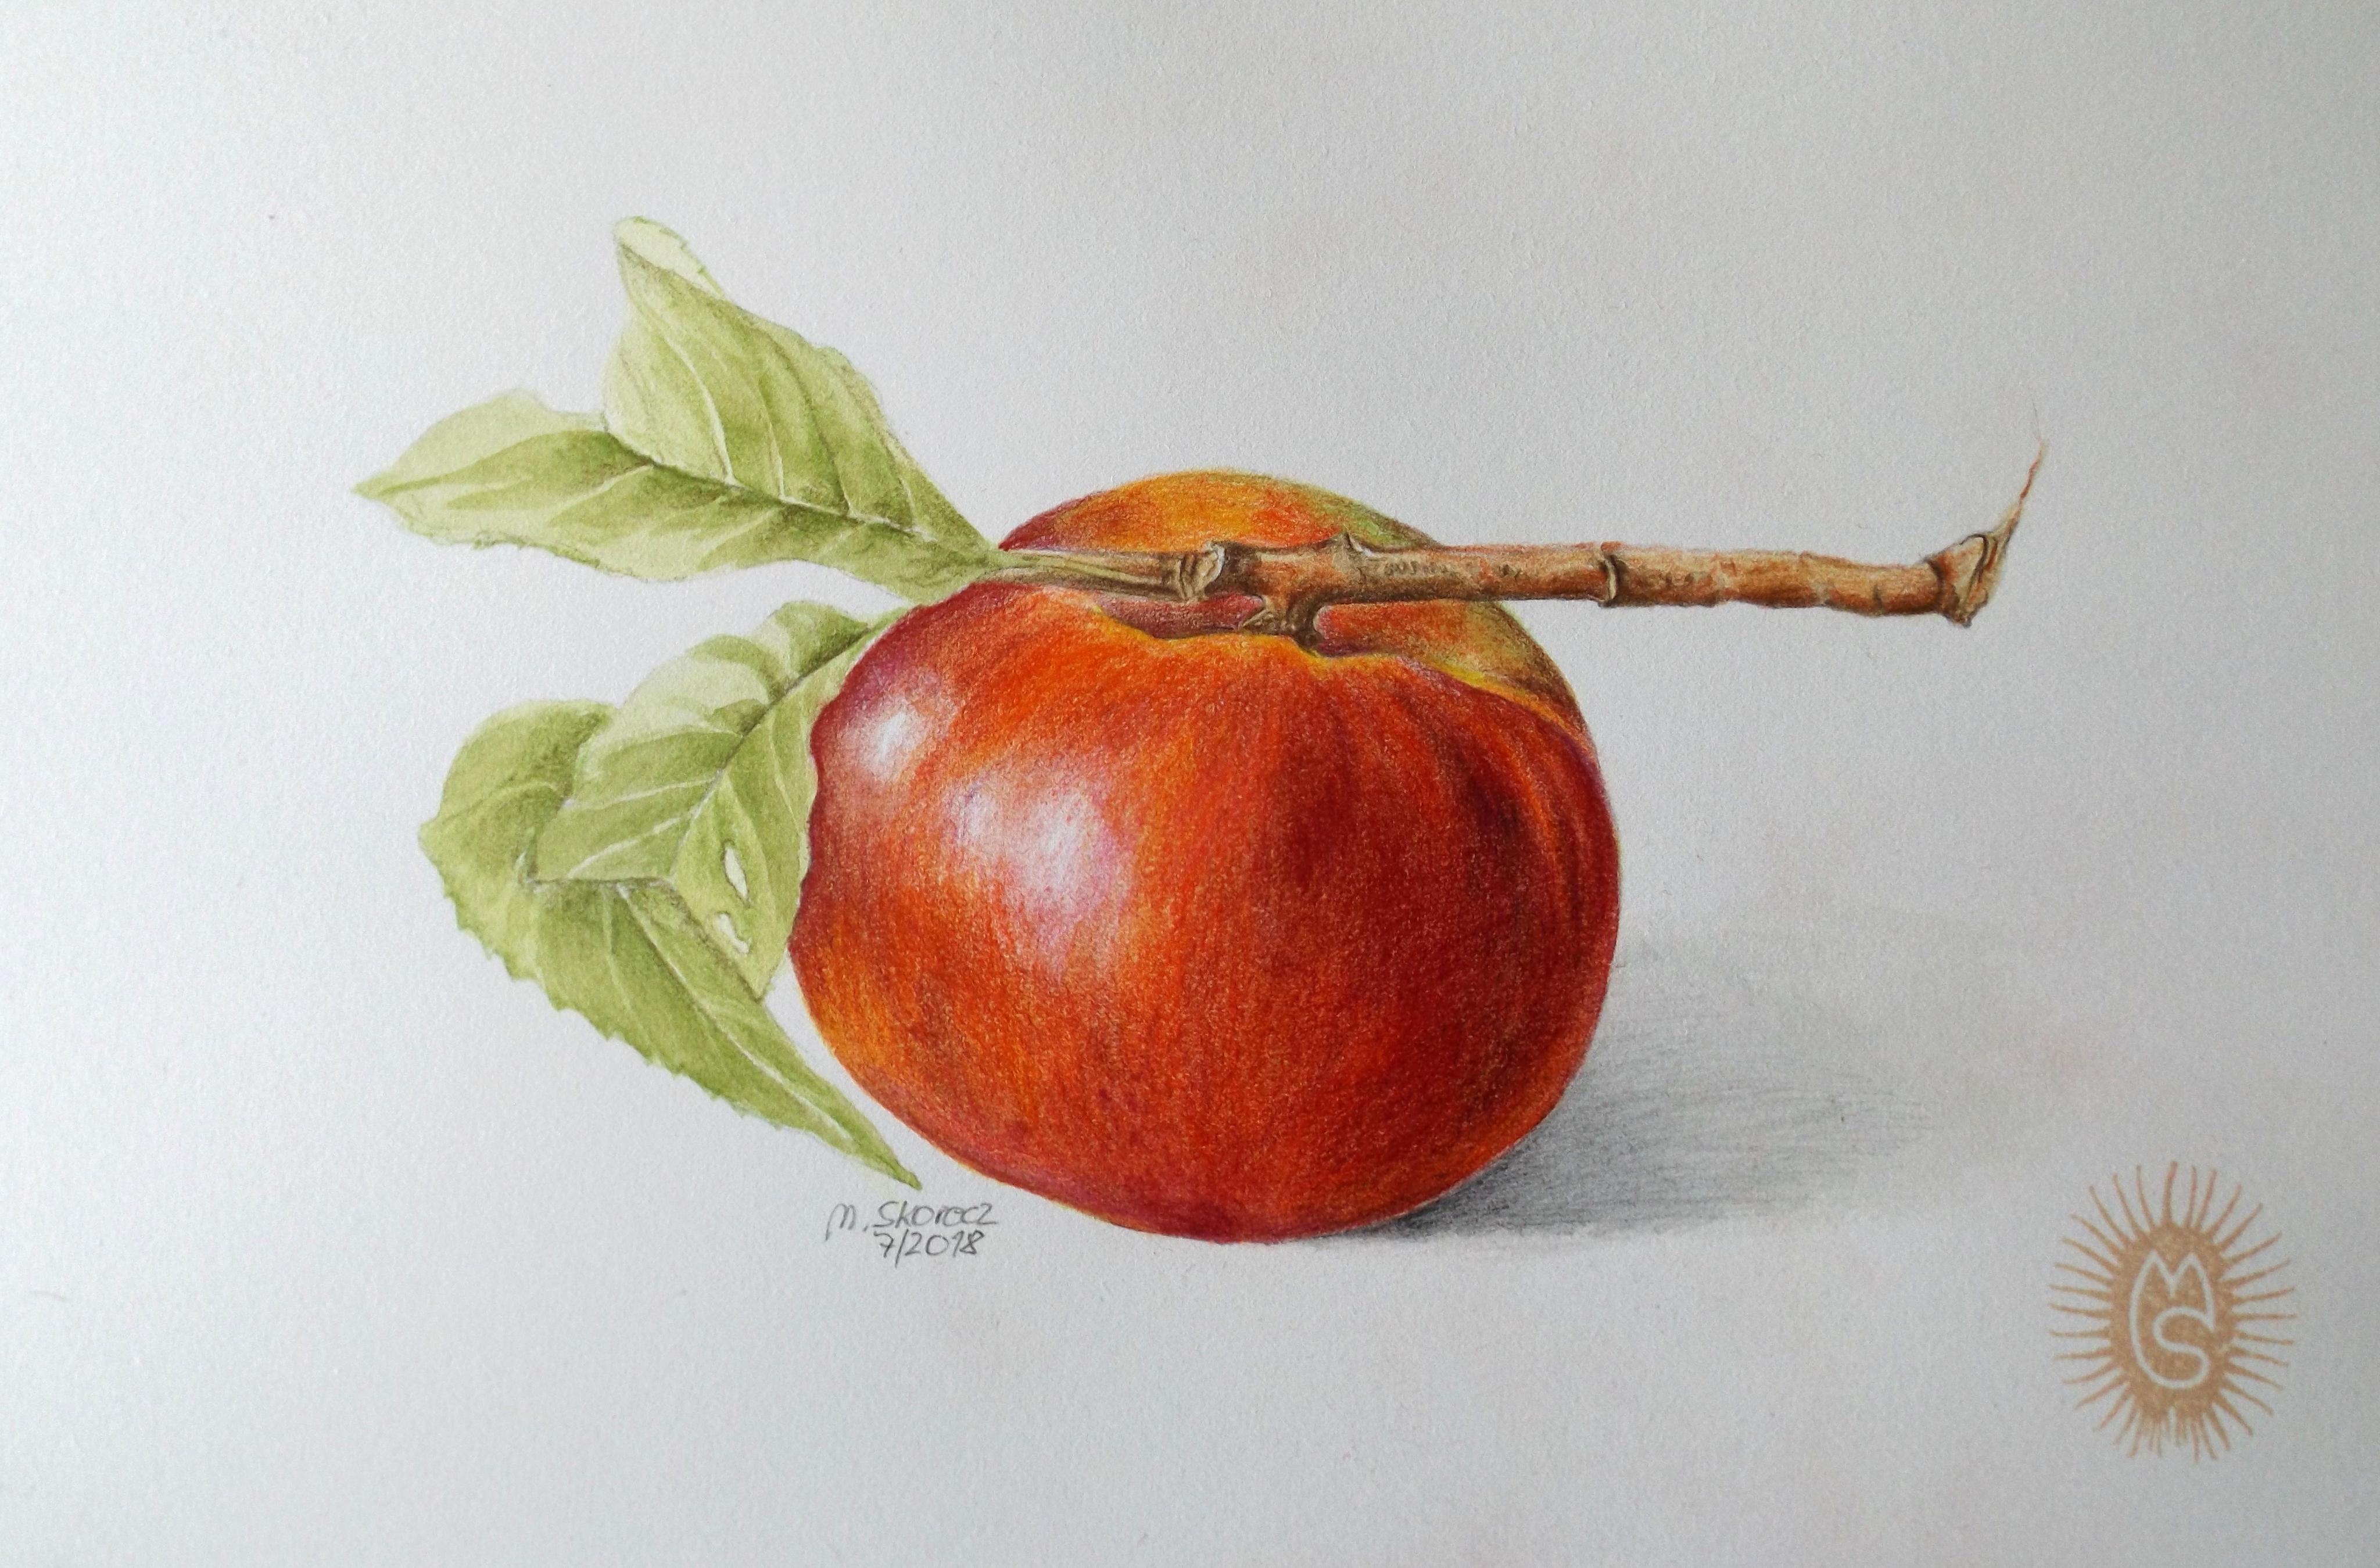 Nektarine, gezeichnet von Mischa Skorecz